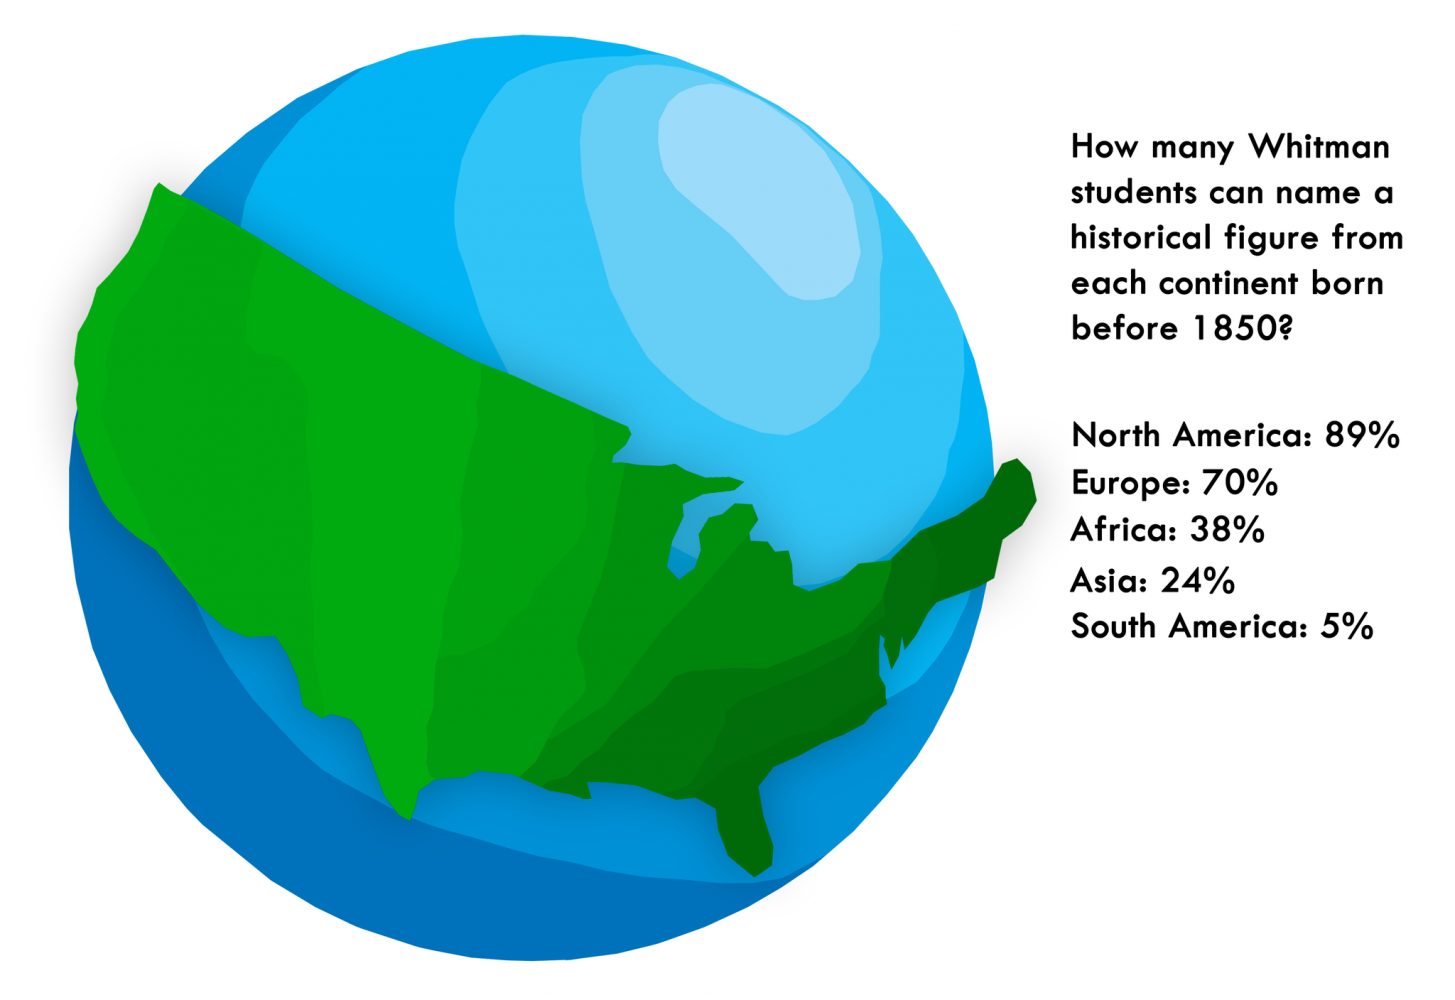 Graphic by Landon Hatcher.